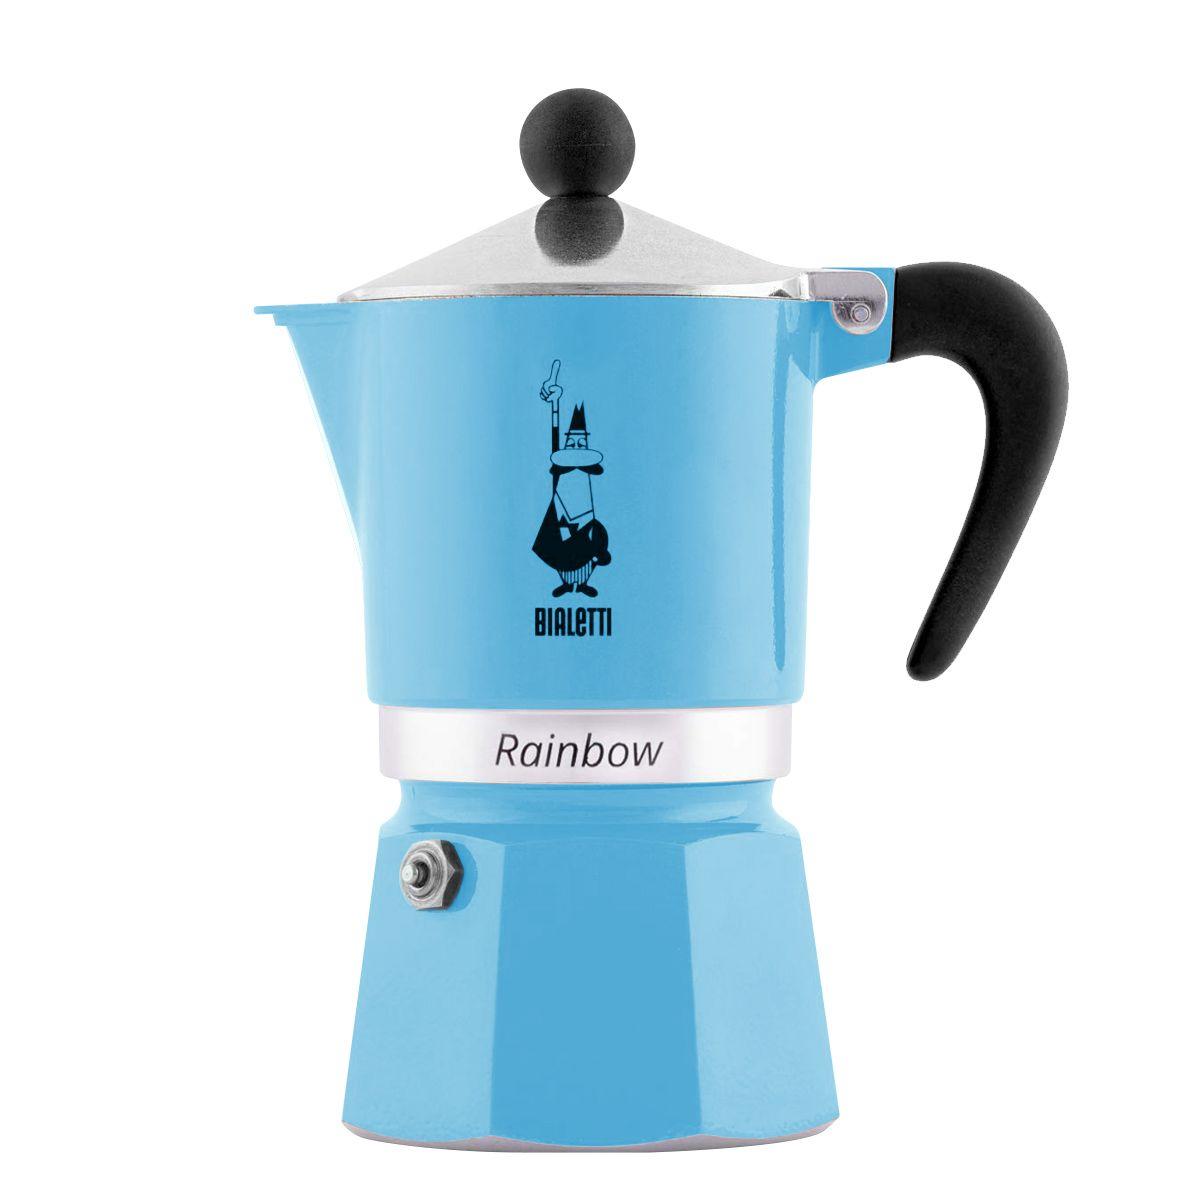 قهوه ساز بیالتی مدل رینبو 3Cups کد 5042